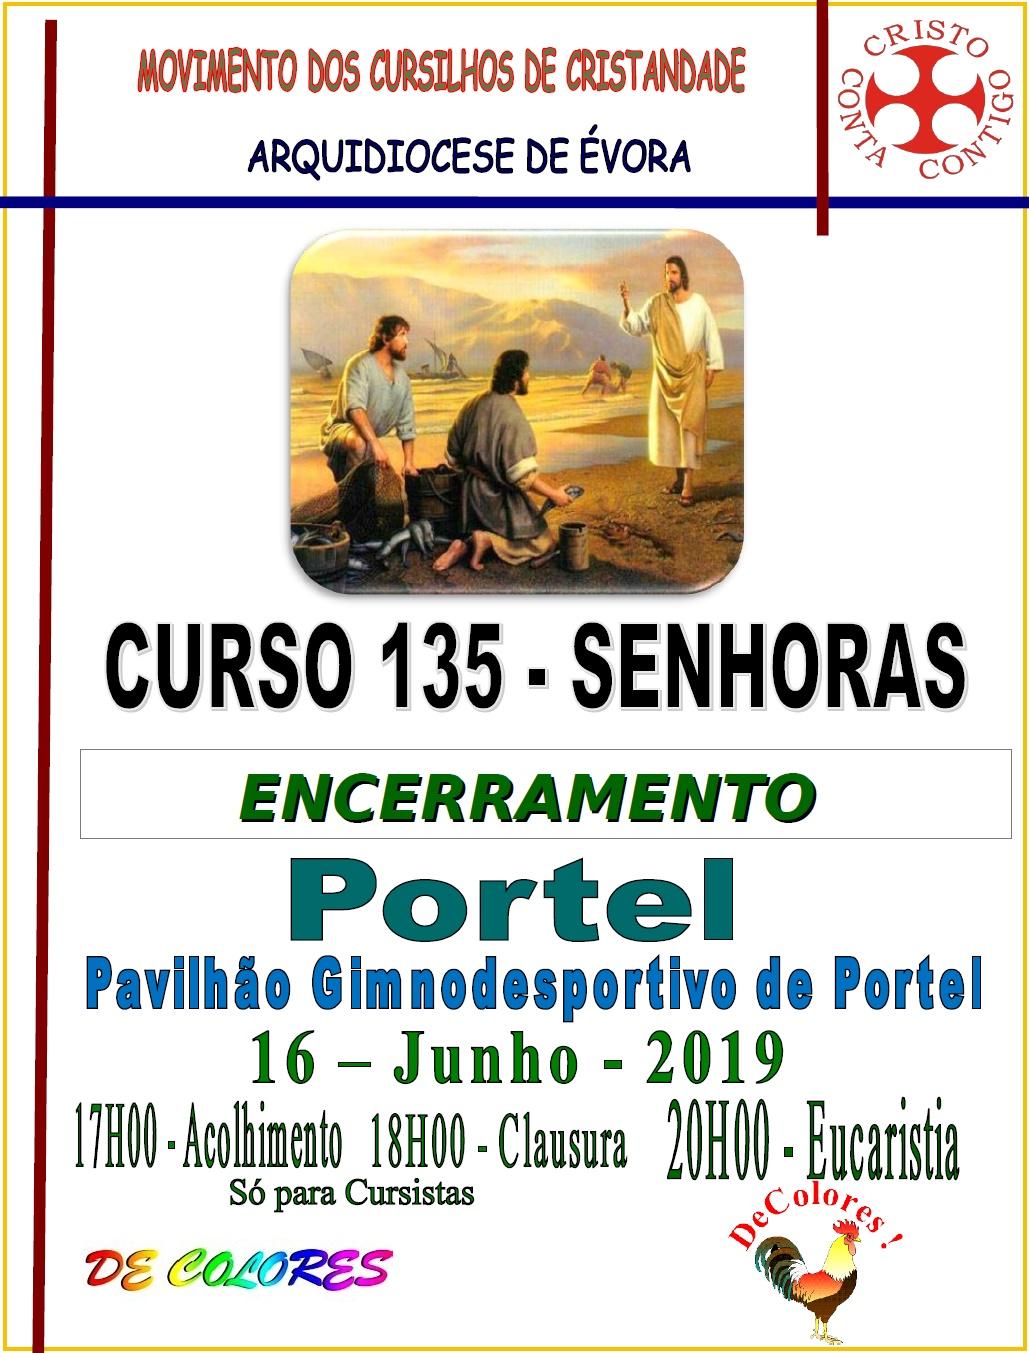 6_16_2019_Curso 135 S